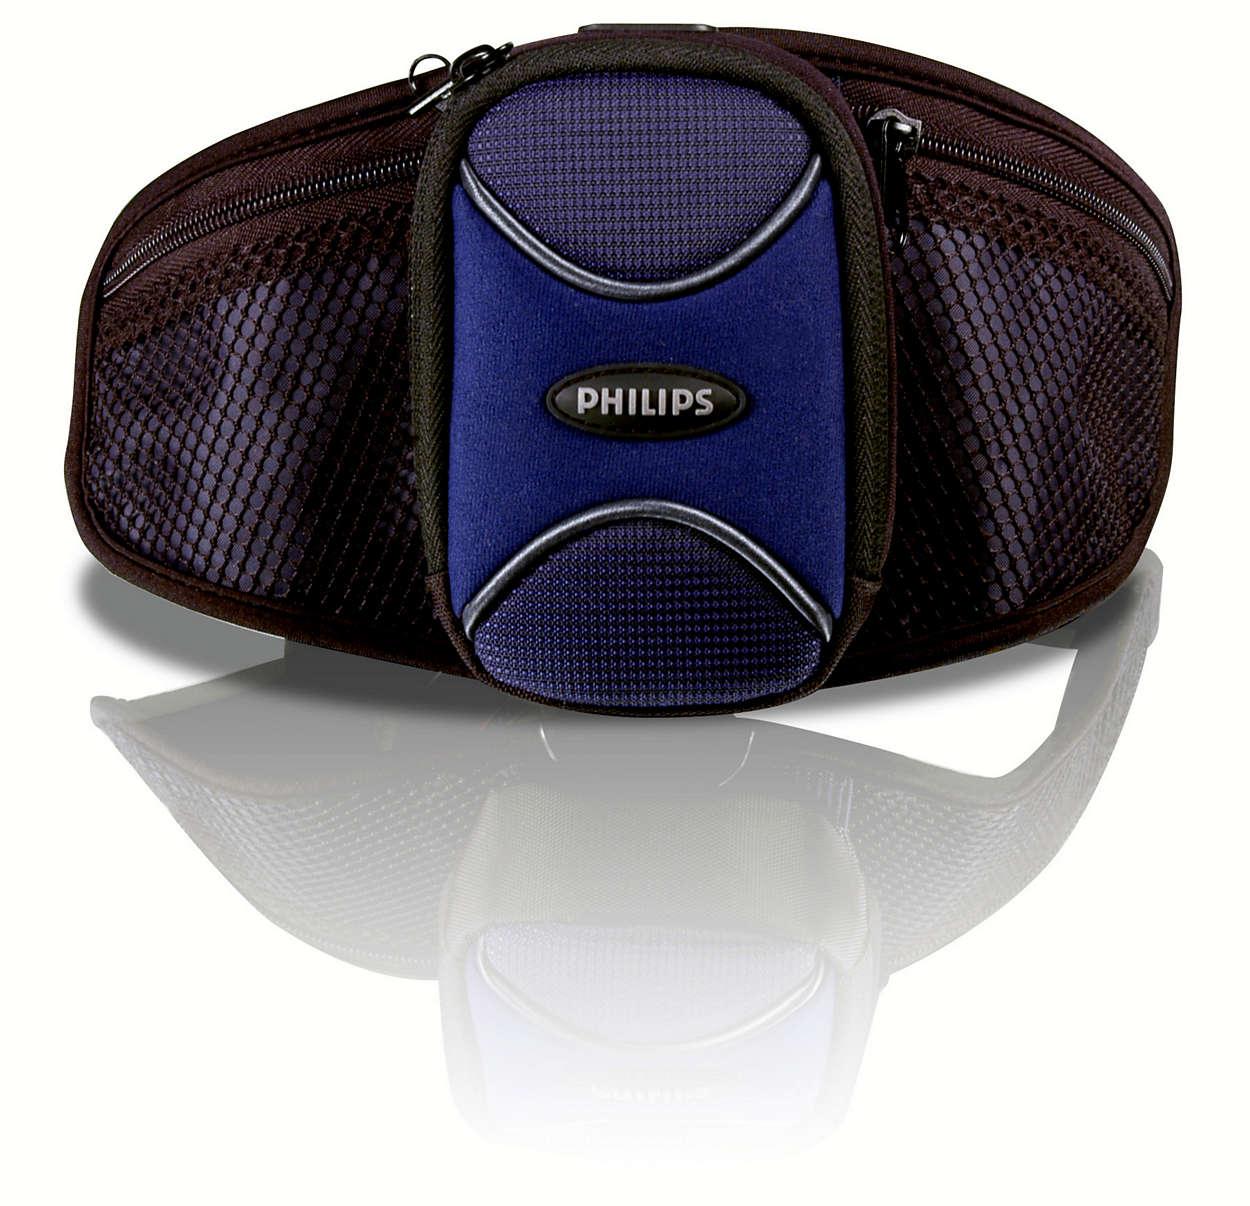 Schutz für Ihren MP3-Player